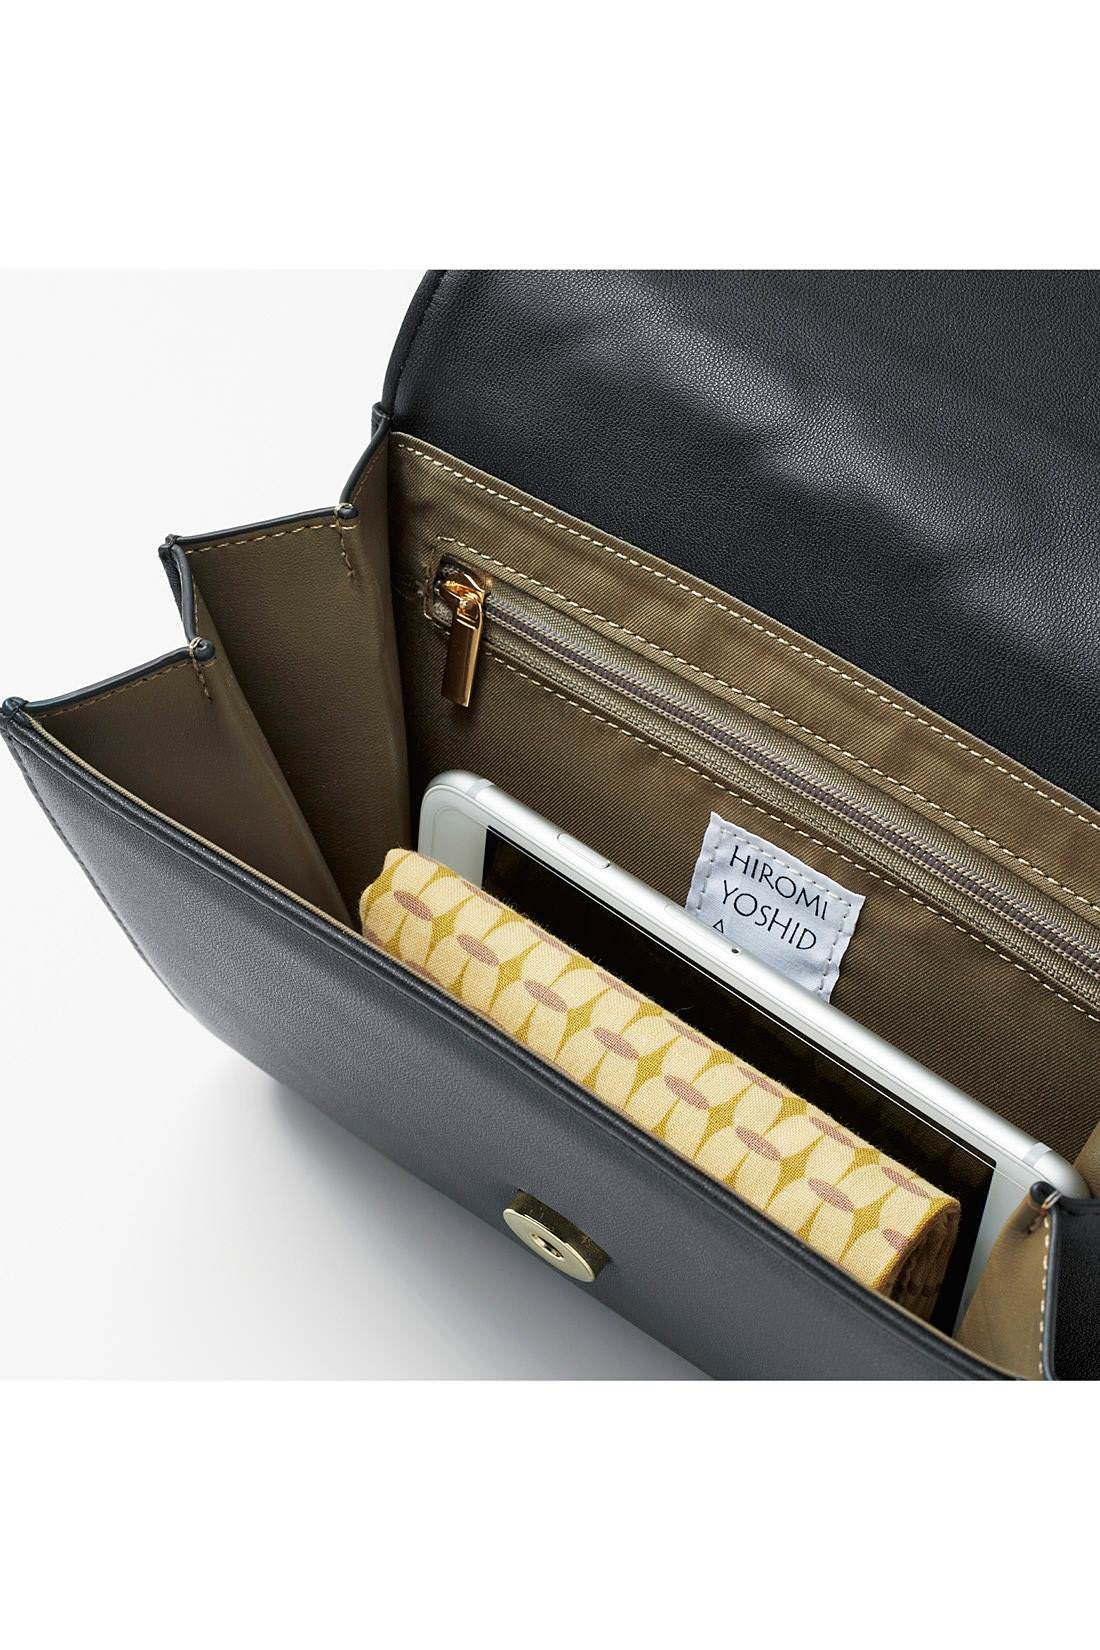 バッグ部分は携帯電話やハンカチなど、必需品をミニマムに収納。